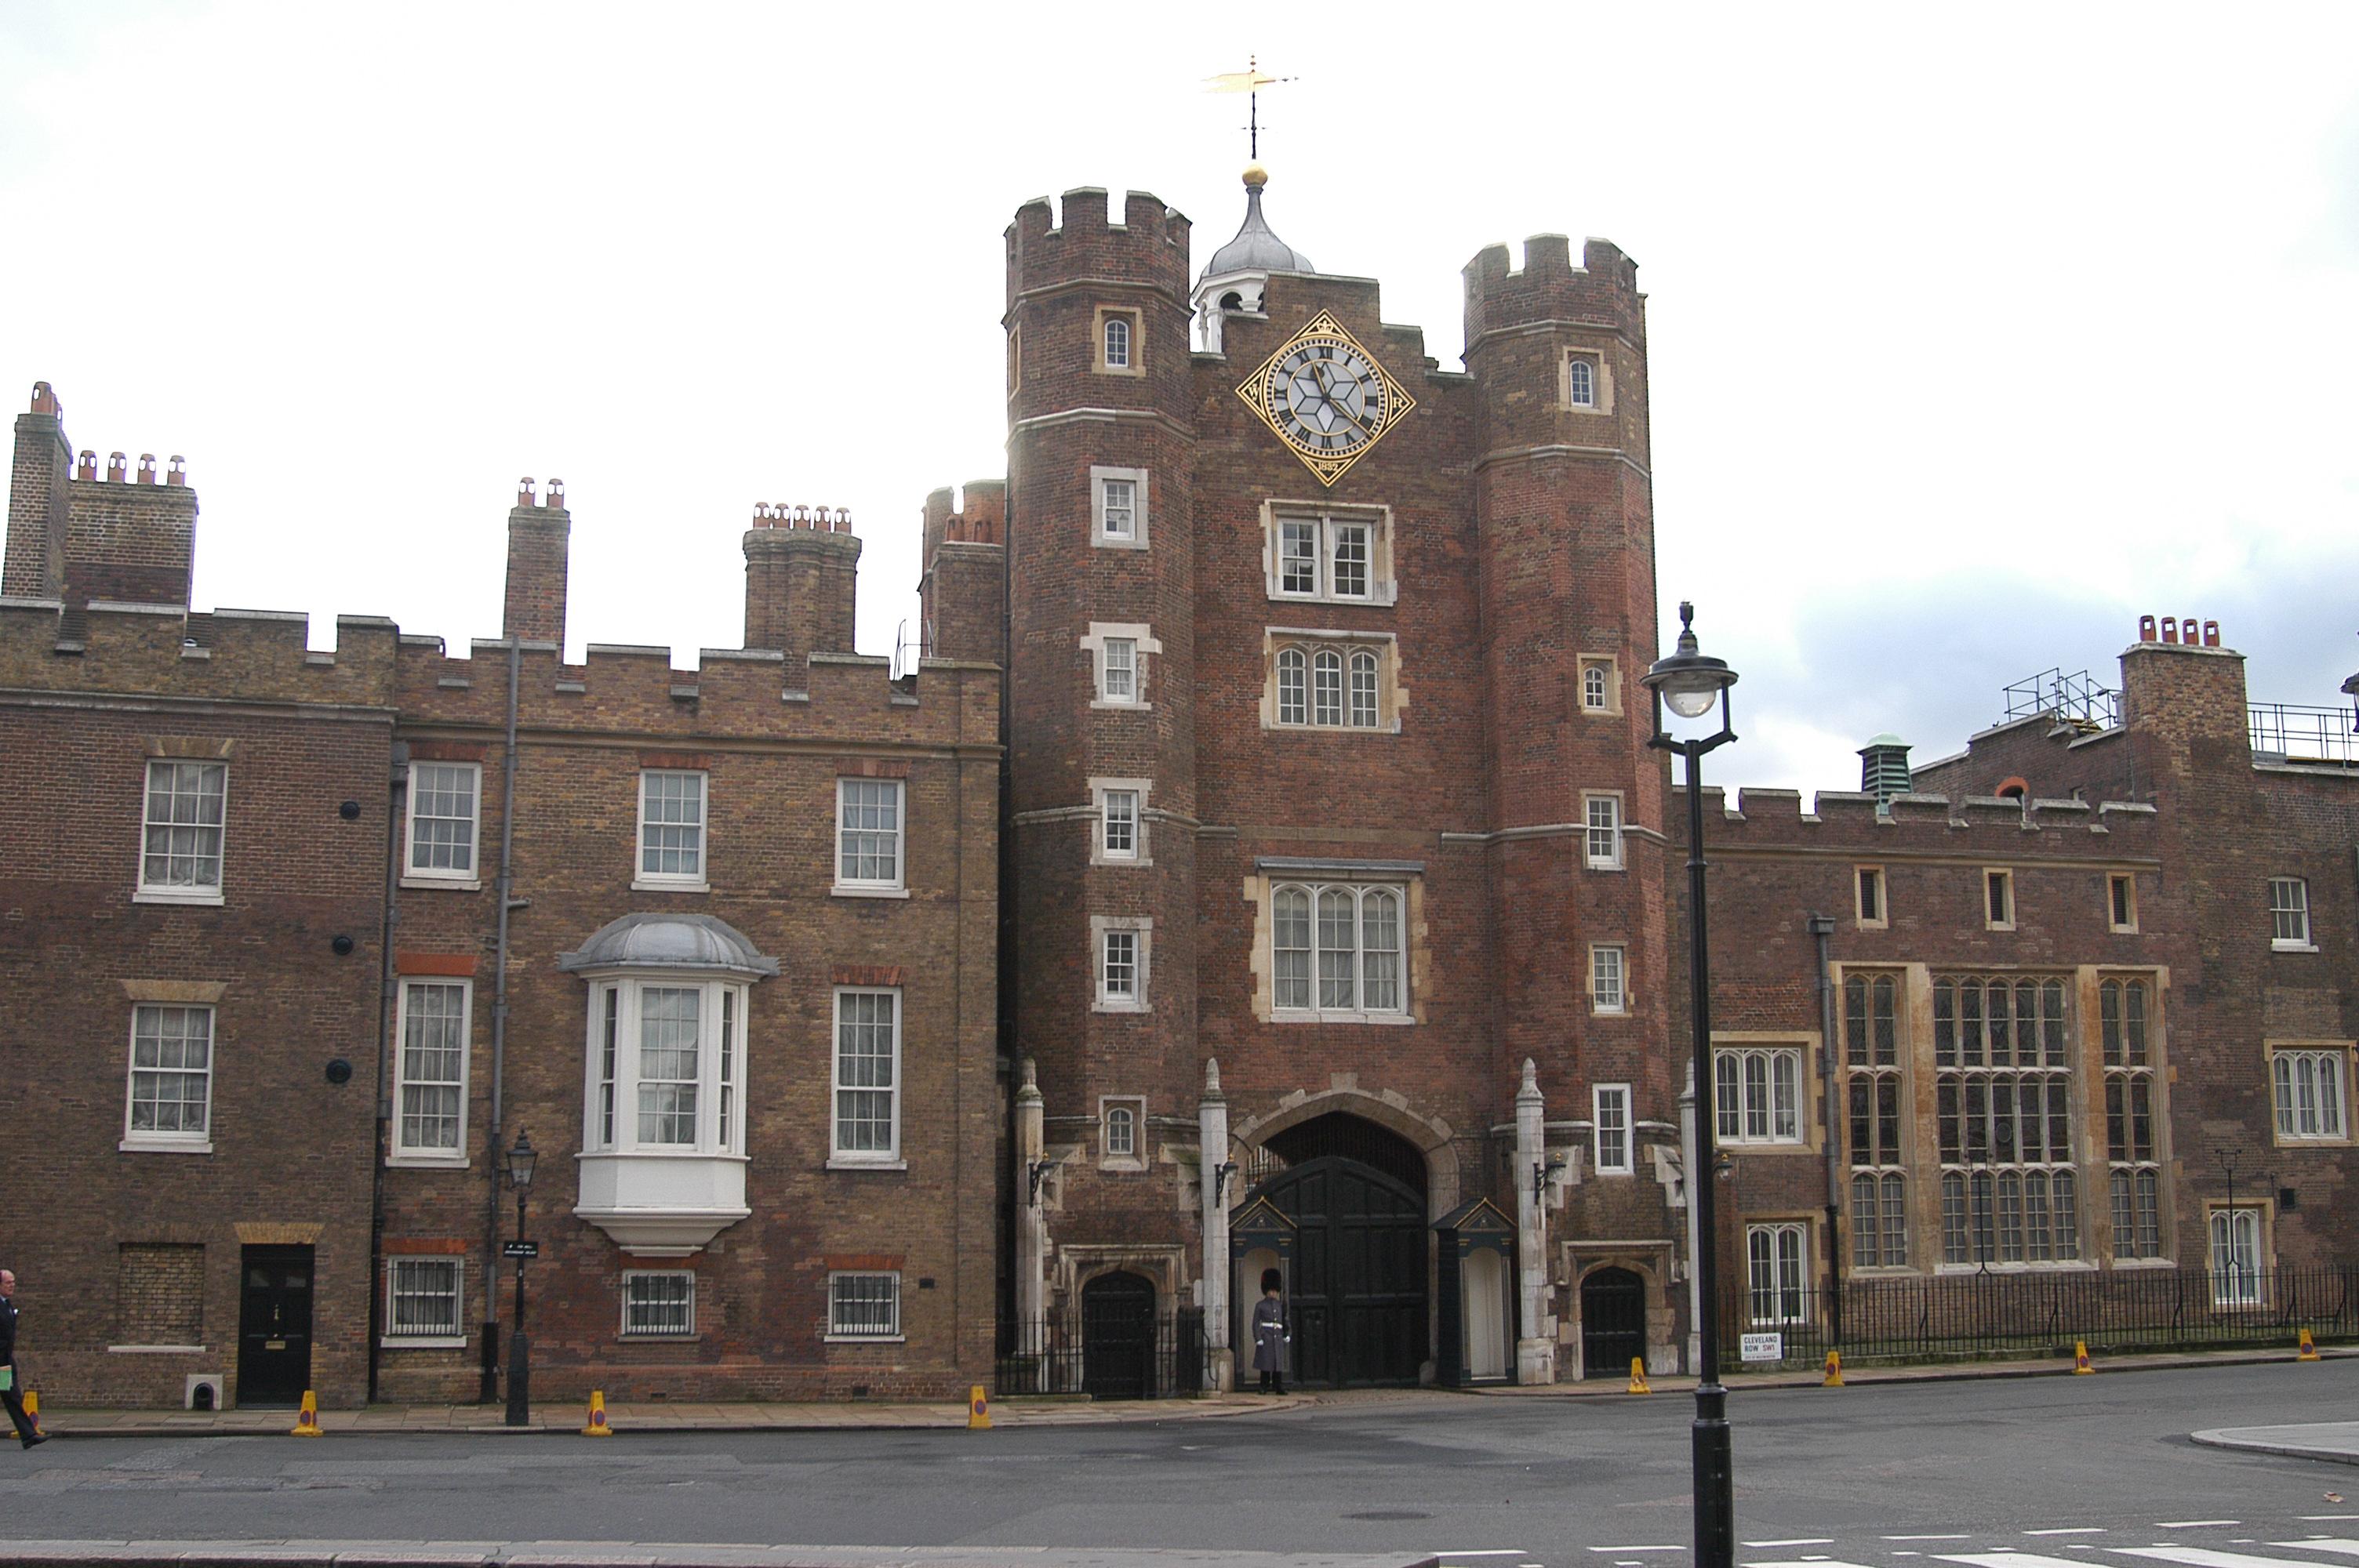 You are browsing images from the article: St James's Palace w Londynie - główny pałac królewski w Wielkiej Brytanii